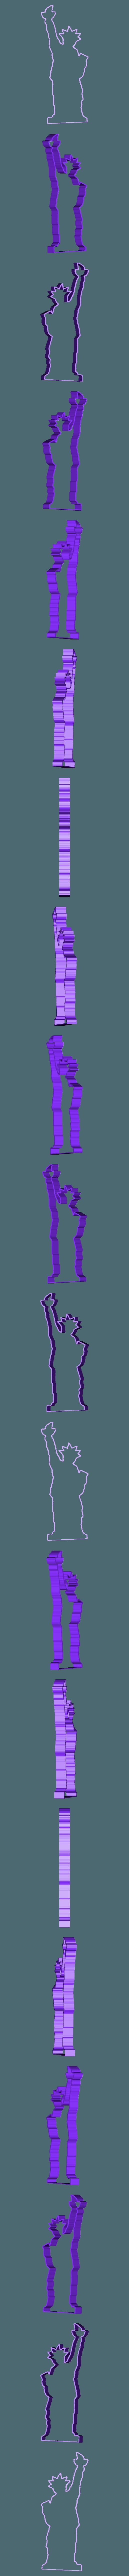 Statue_de_la_liberte.stl Télécharger fichier STL gratuit La Statue de la Liberté est plus mignonne • Modèle imprimable en 3D, Hexawar